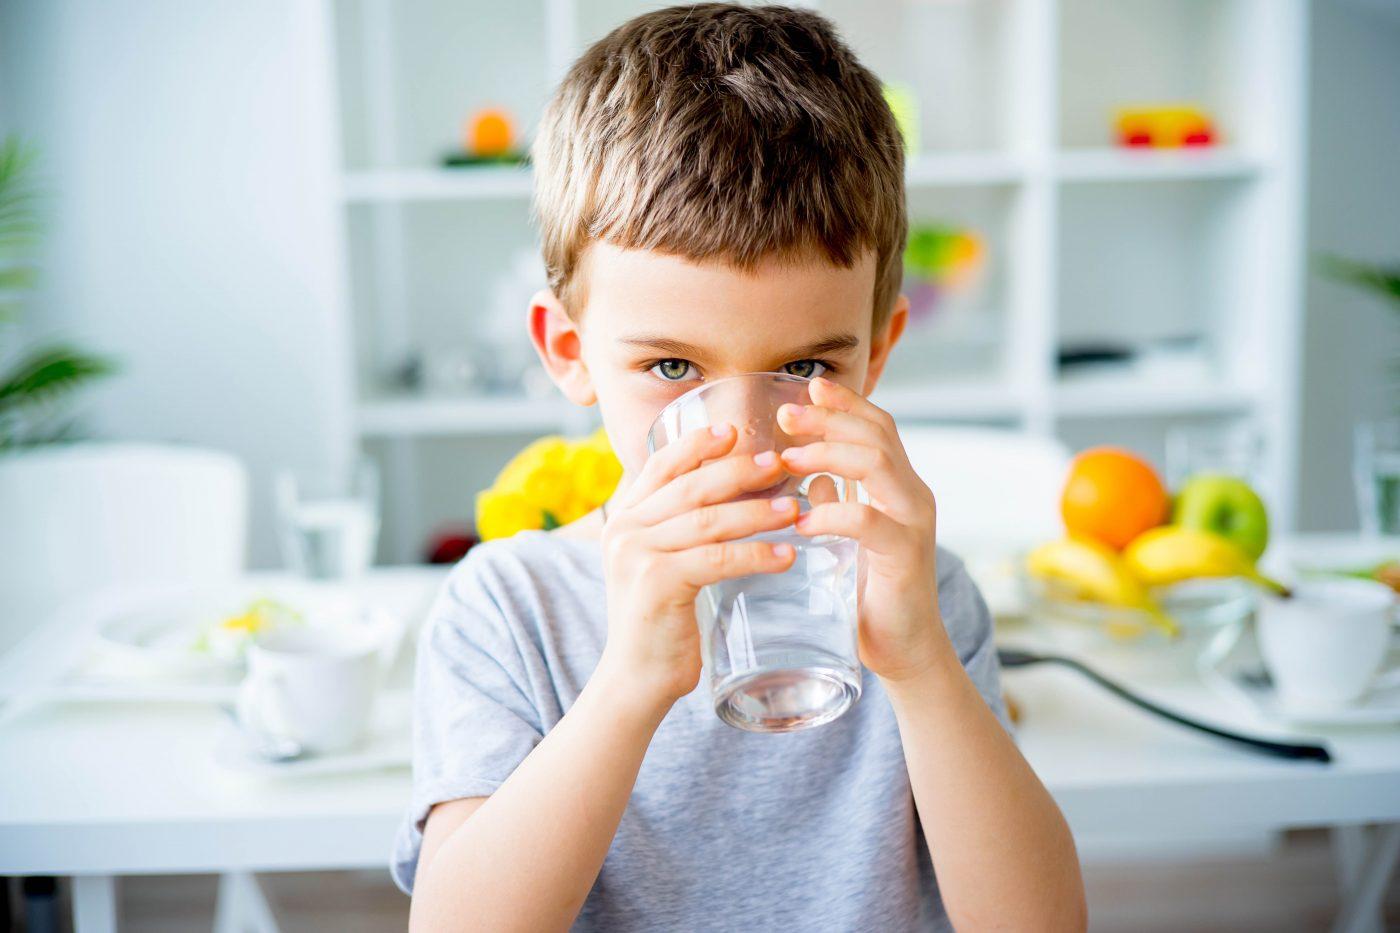 Havuza giren çocuklarda hastalık riski artıyor #2